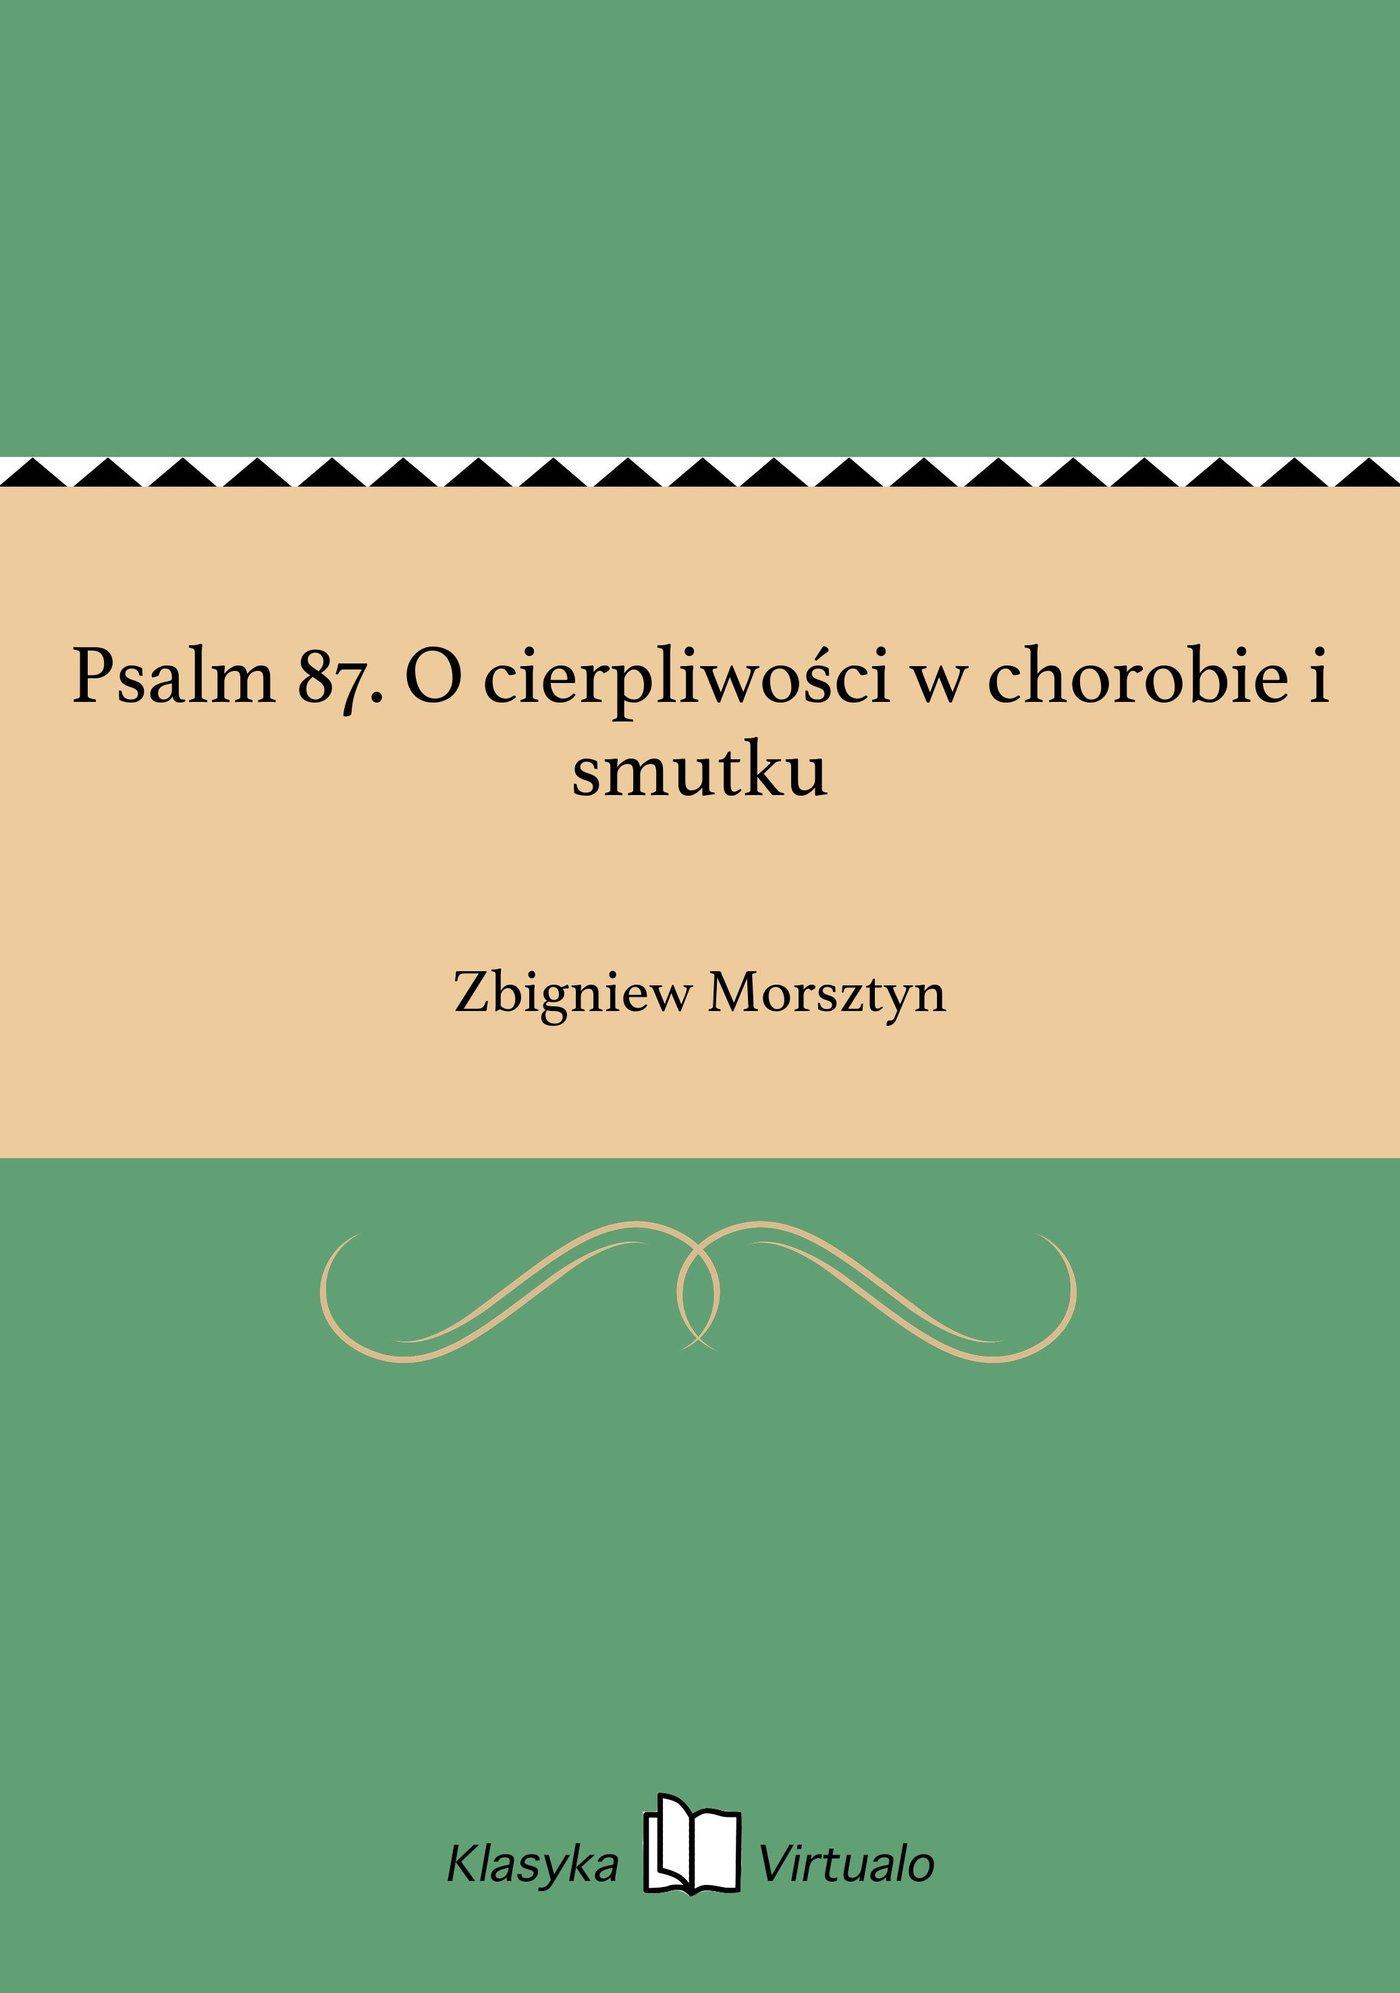 Psalm 87. O cierpliwości w chorobie i smutku - Ebook (Książka EPUB) do pobrania w formacie EPUB